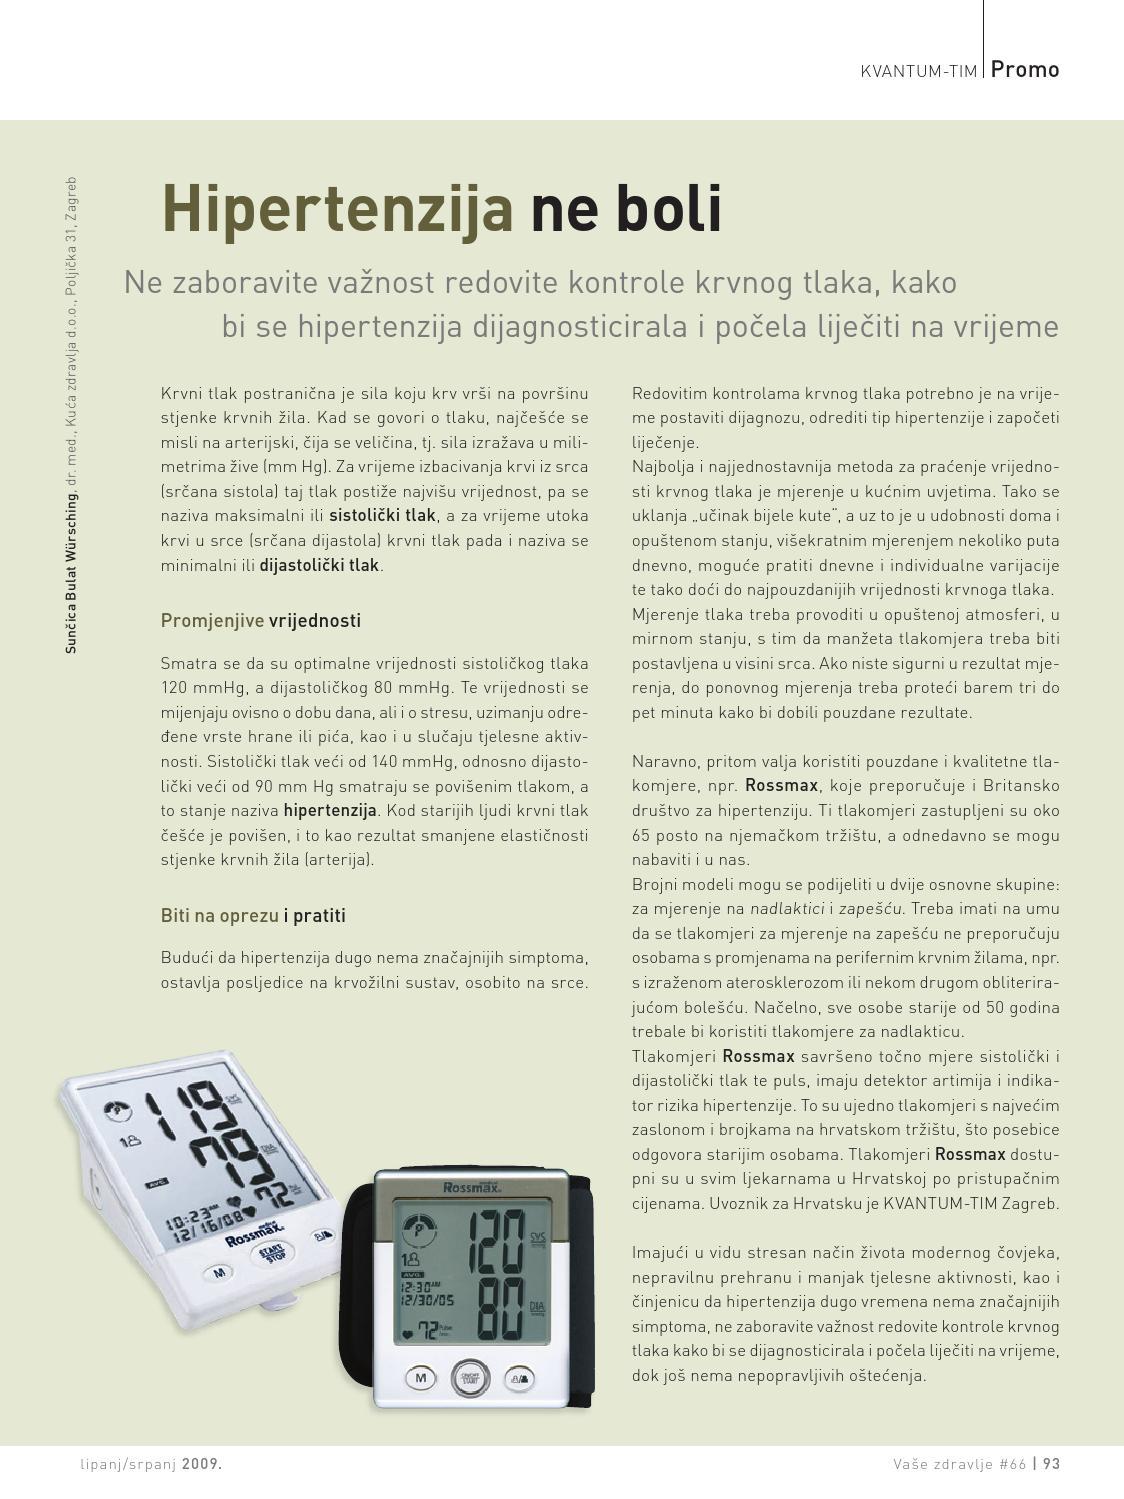 njemački hipertenzija društvo